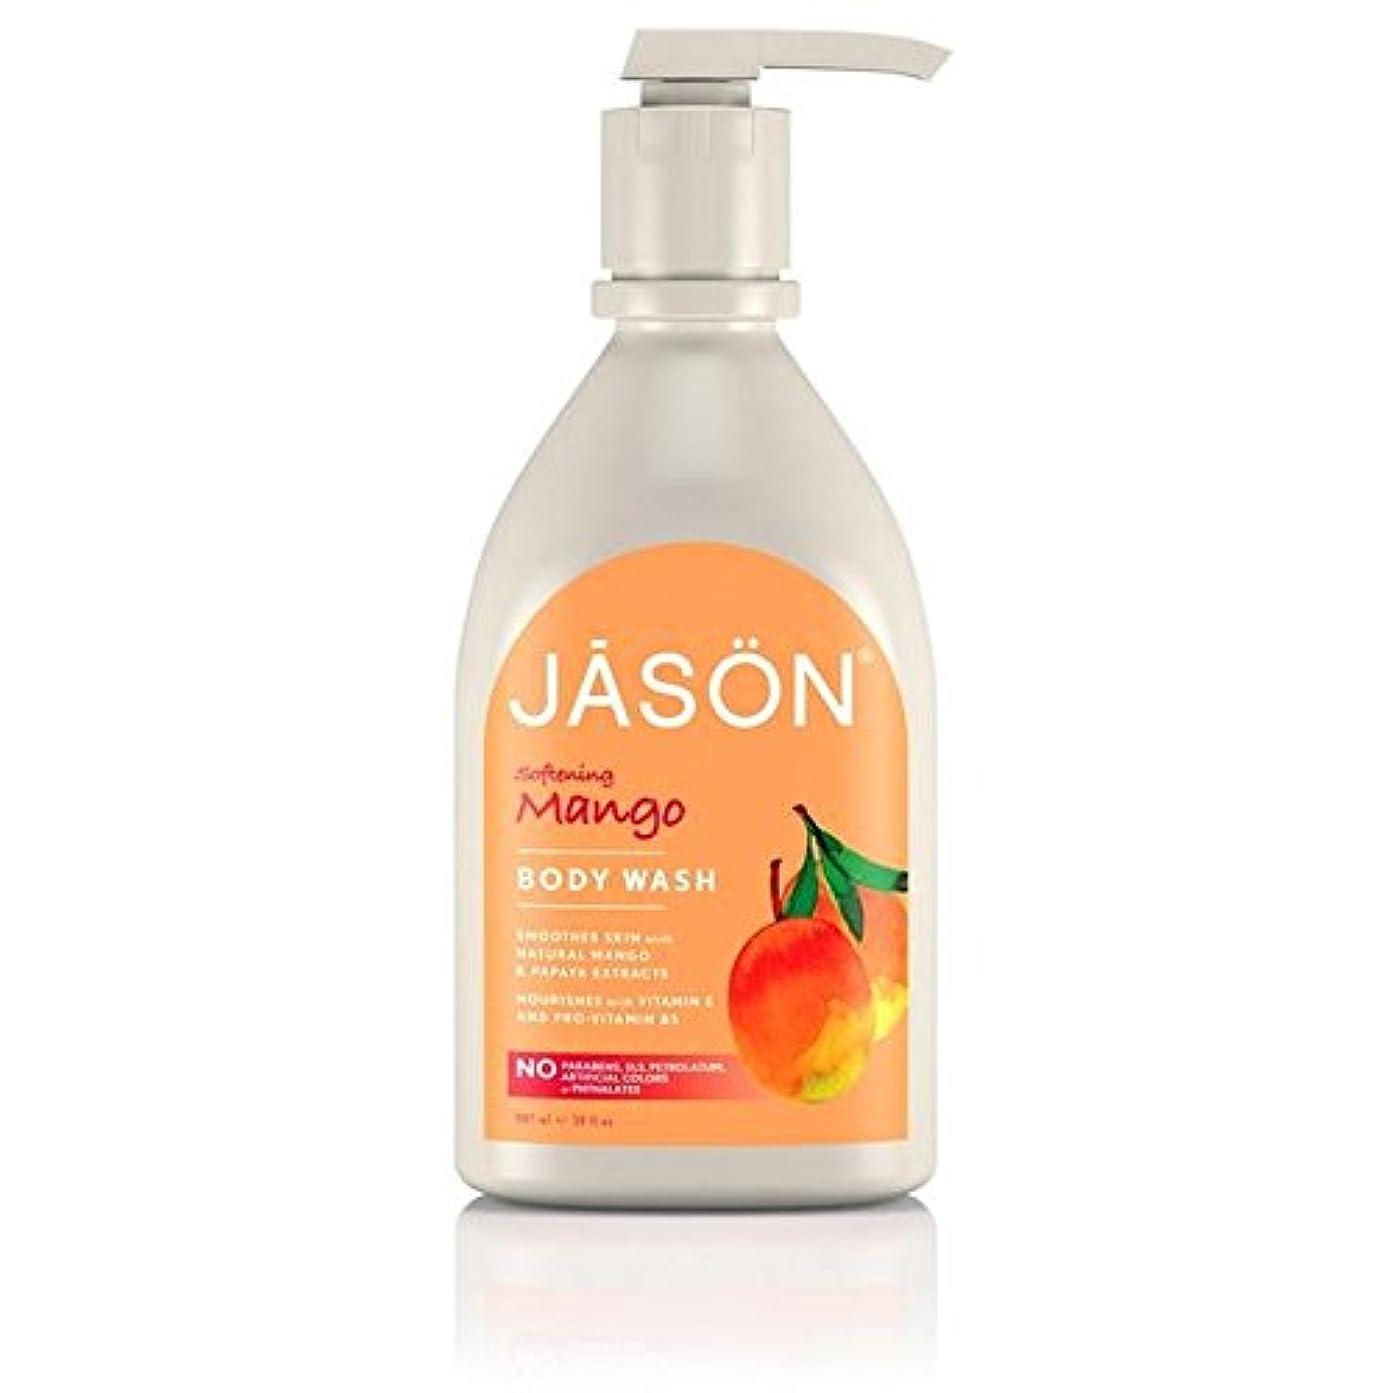 状況積極的にアーティキュレーションJason Mango Satin Body Wash Pump 900ml (Pack of 6) - ジェイソン?マンゴーサテンボディウォッシュポンプ900ミリリットル x6 [並行輸入品]